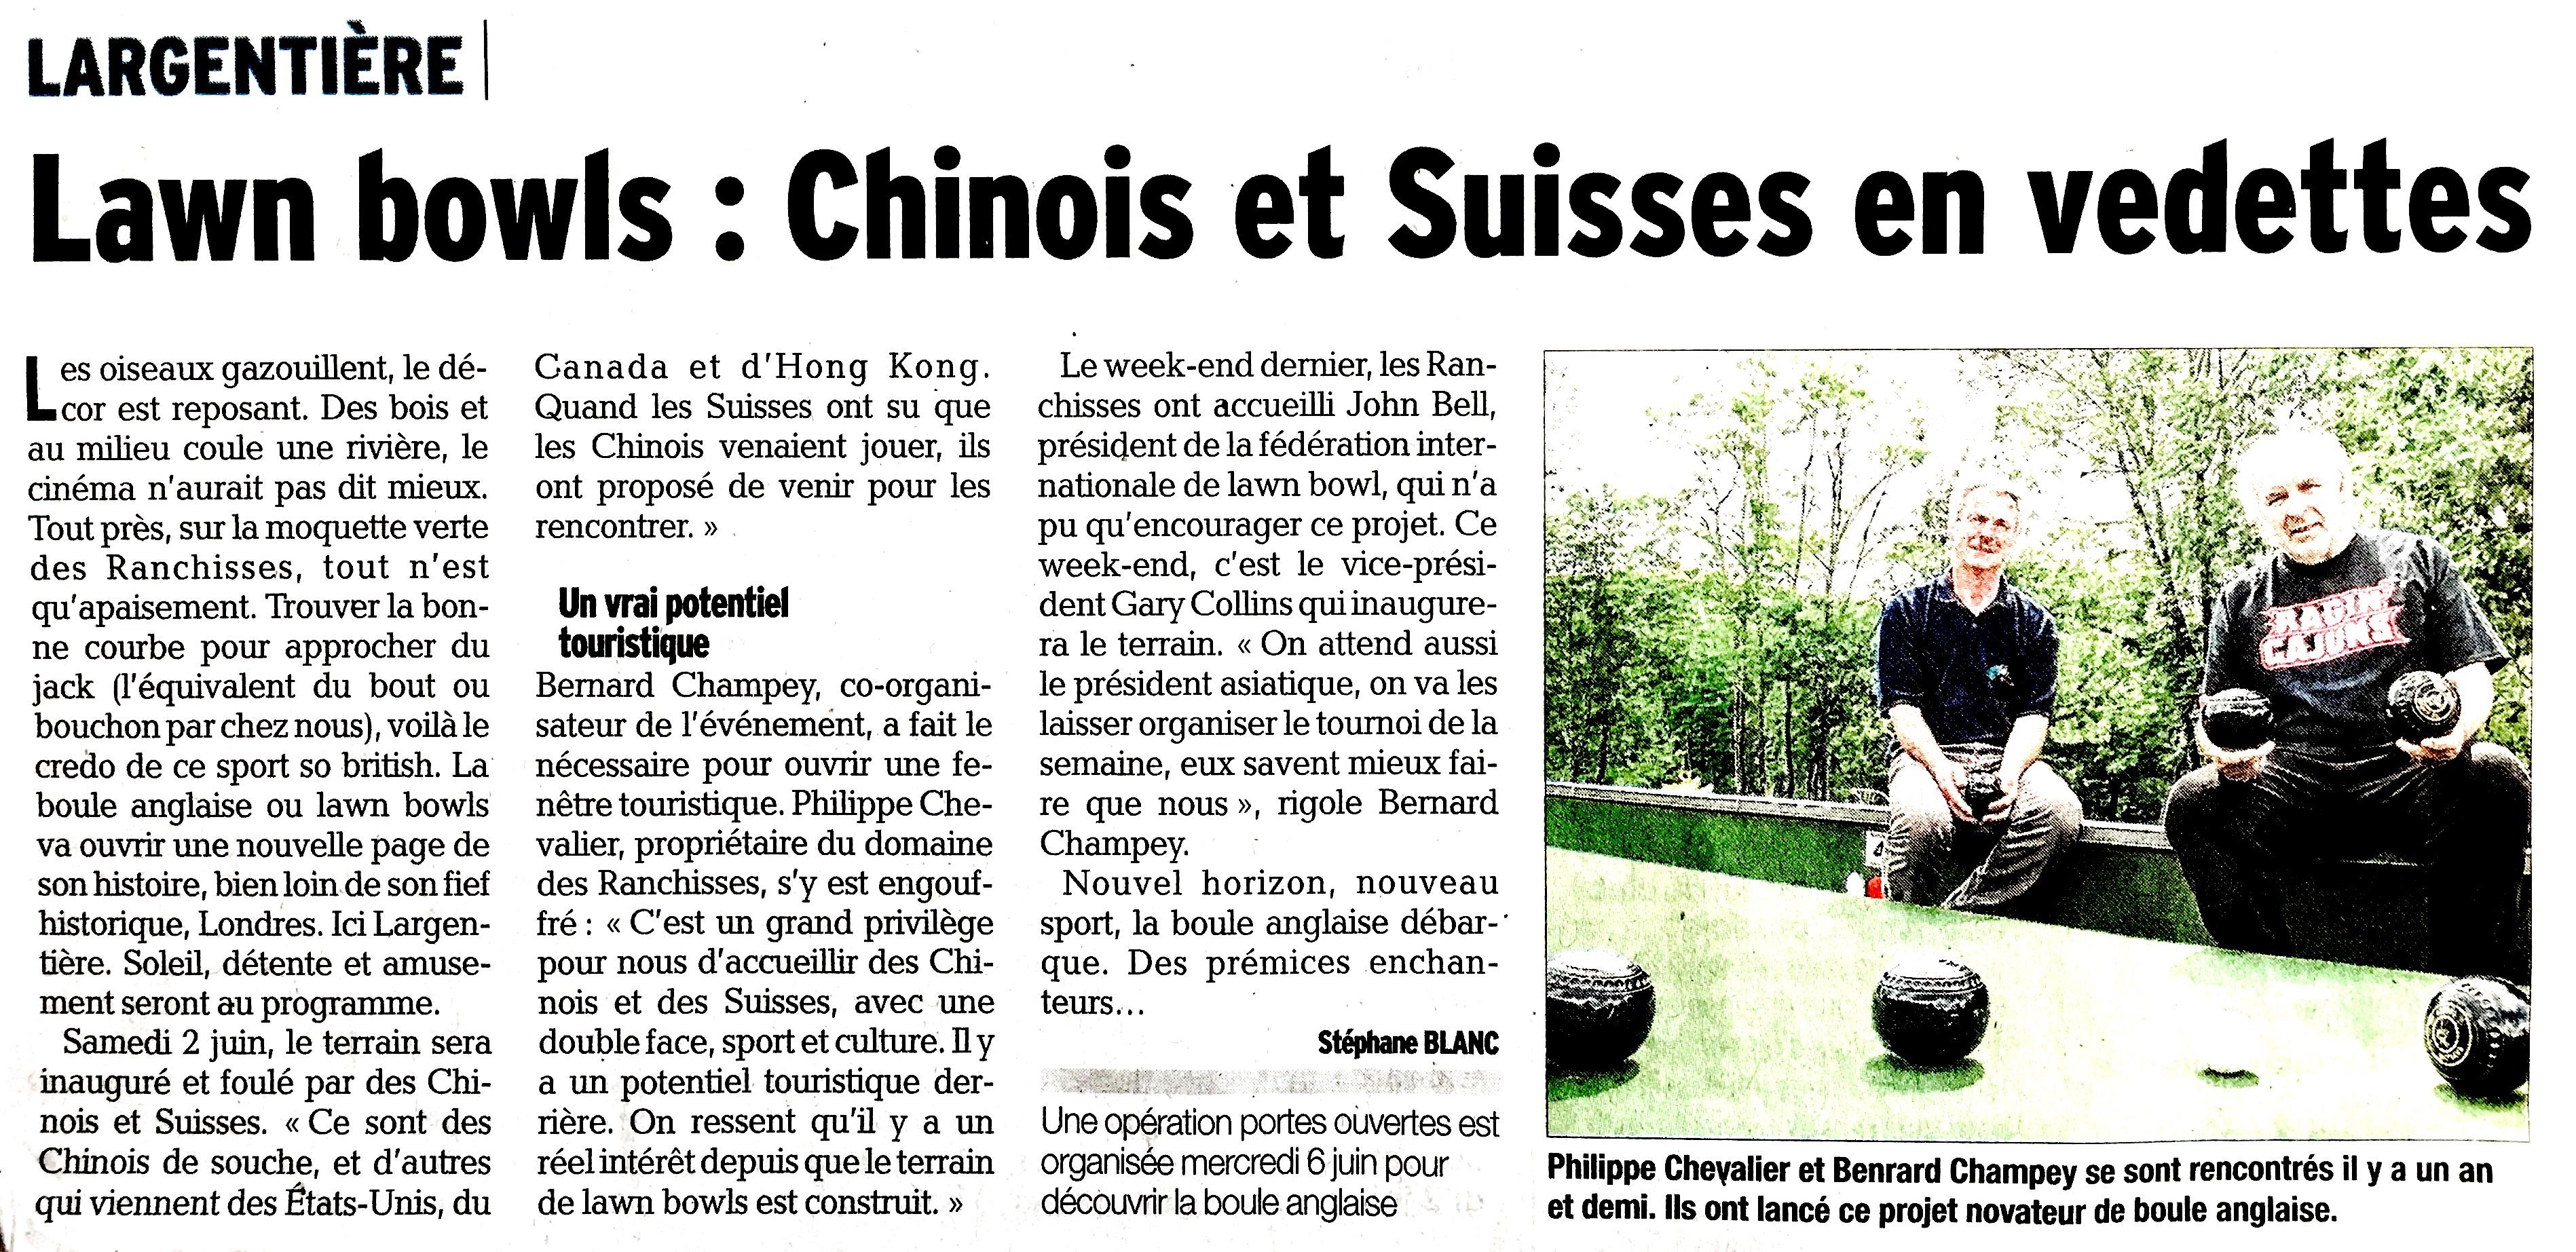 Lawn Bowls : Chinois et Suisses en vedettes